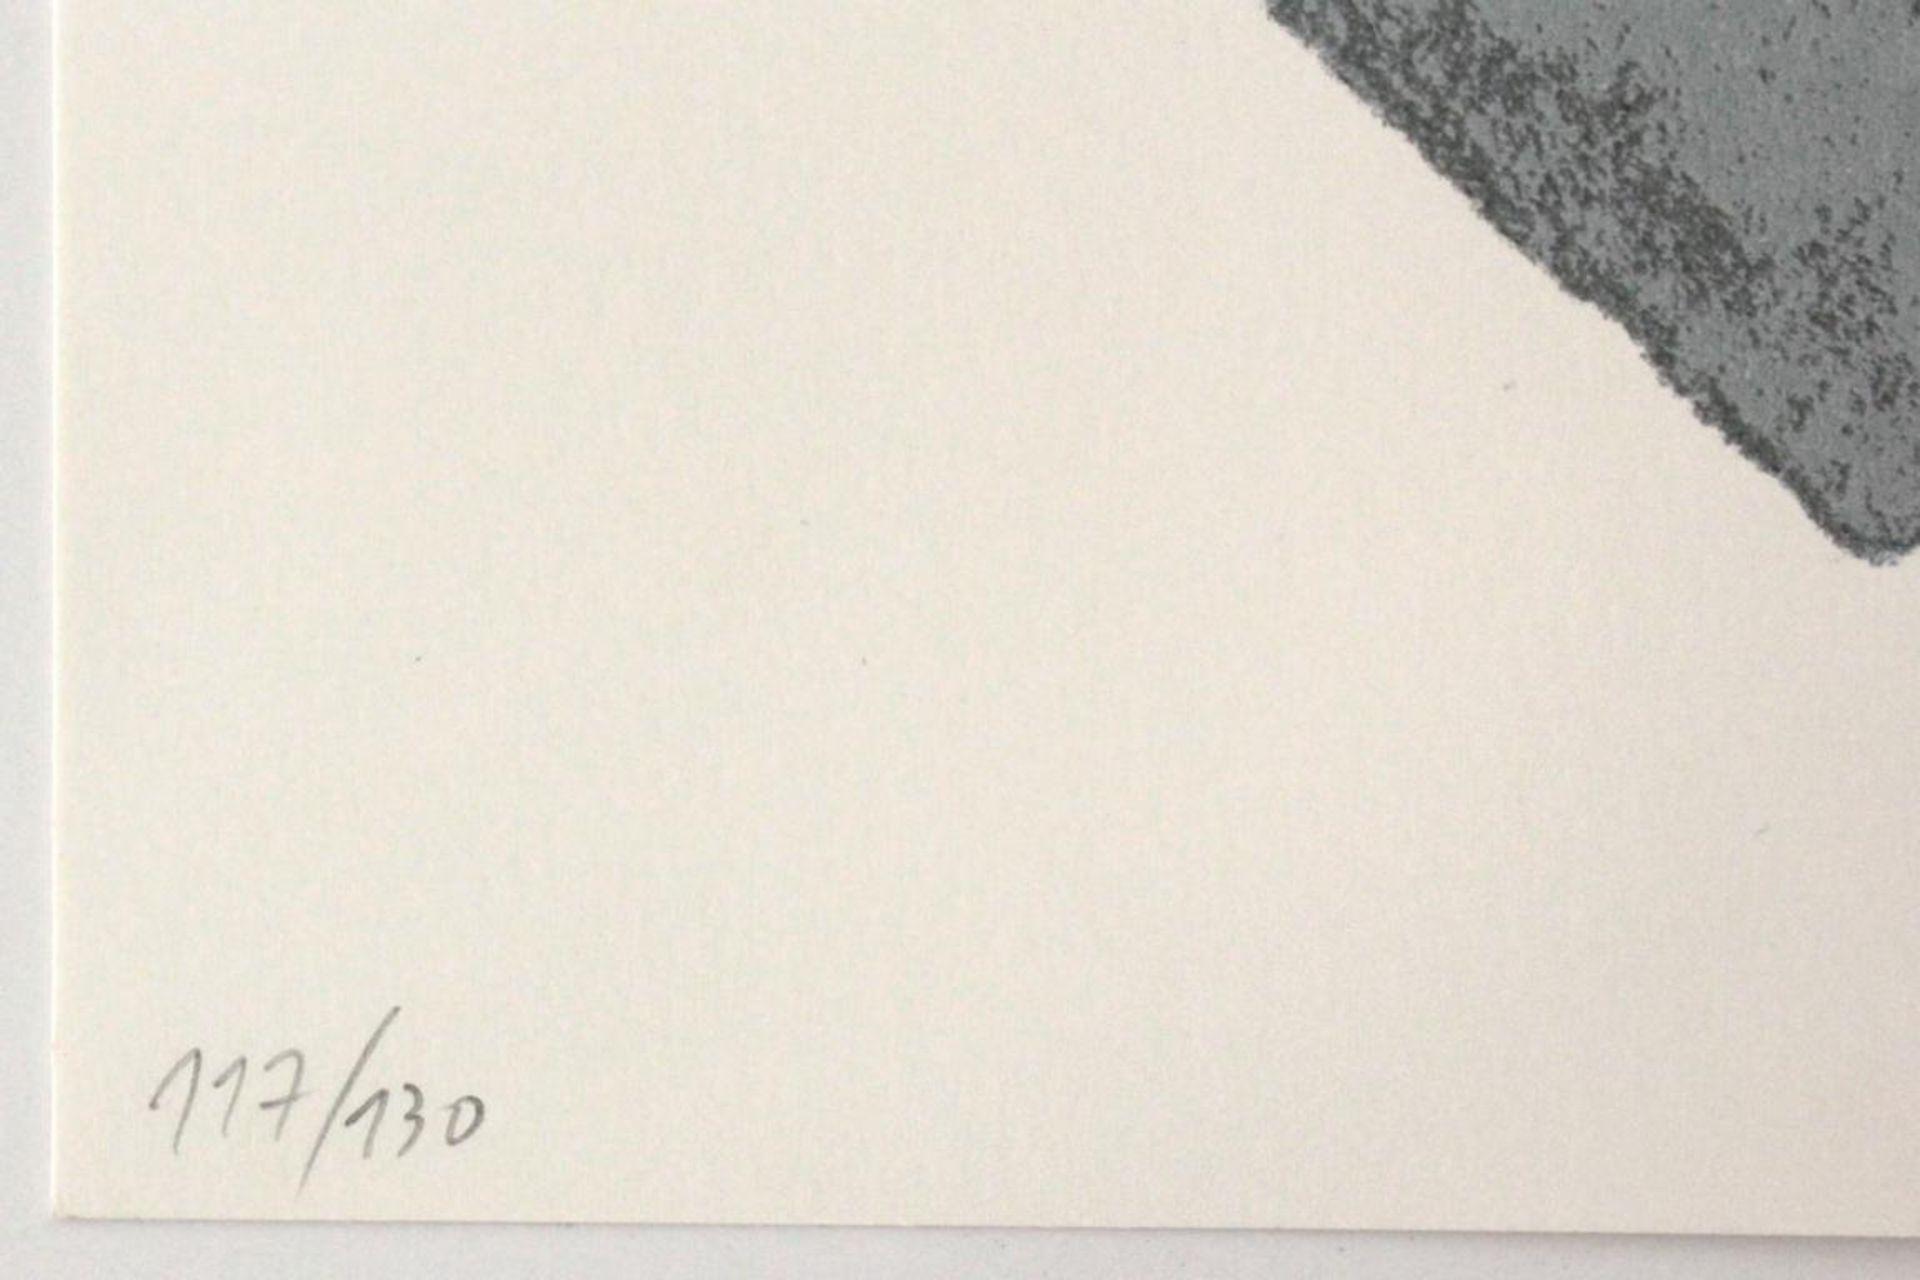 Kolibal Stanislav (geb. 1925) Ohne Titel 2005 Siebdruck handsigniert, datiert und nummeriert 117/ - Bild 3 aus 3